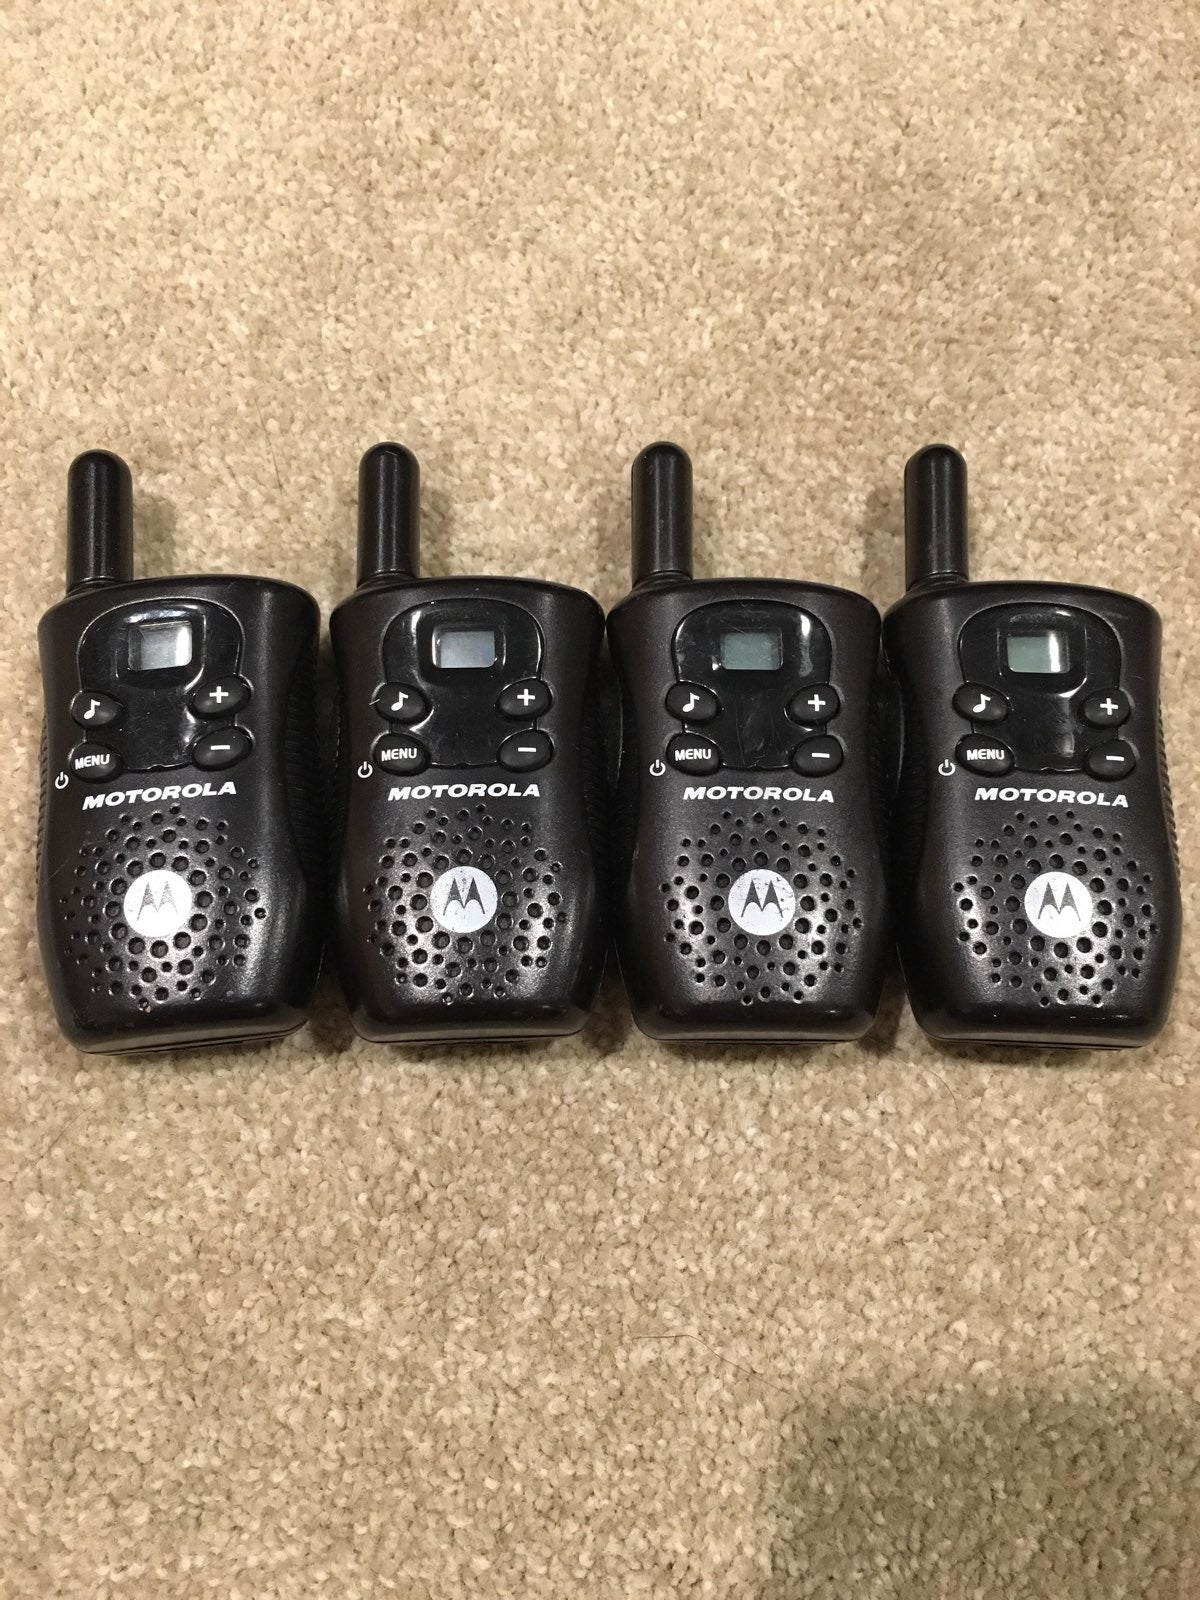 Motorola 22 Channel Walkie-Talkies